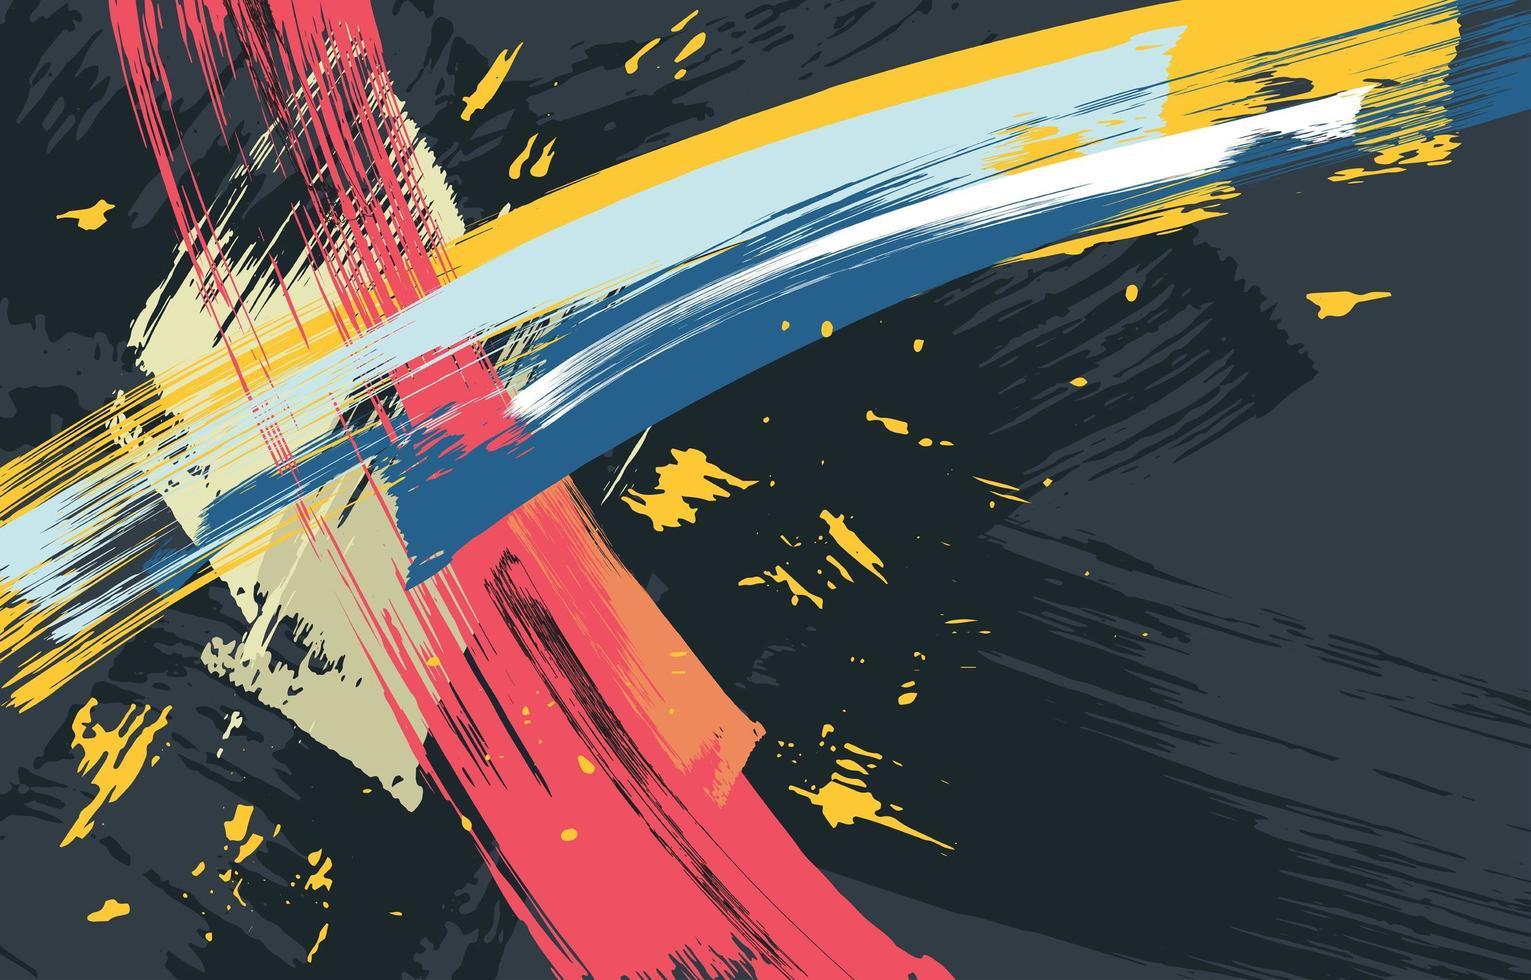 resumo de pintura splash vetor